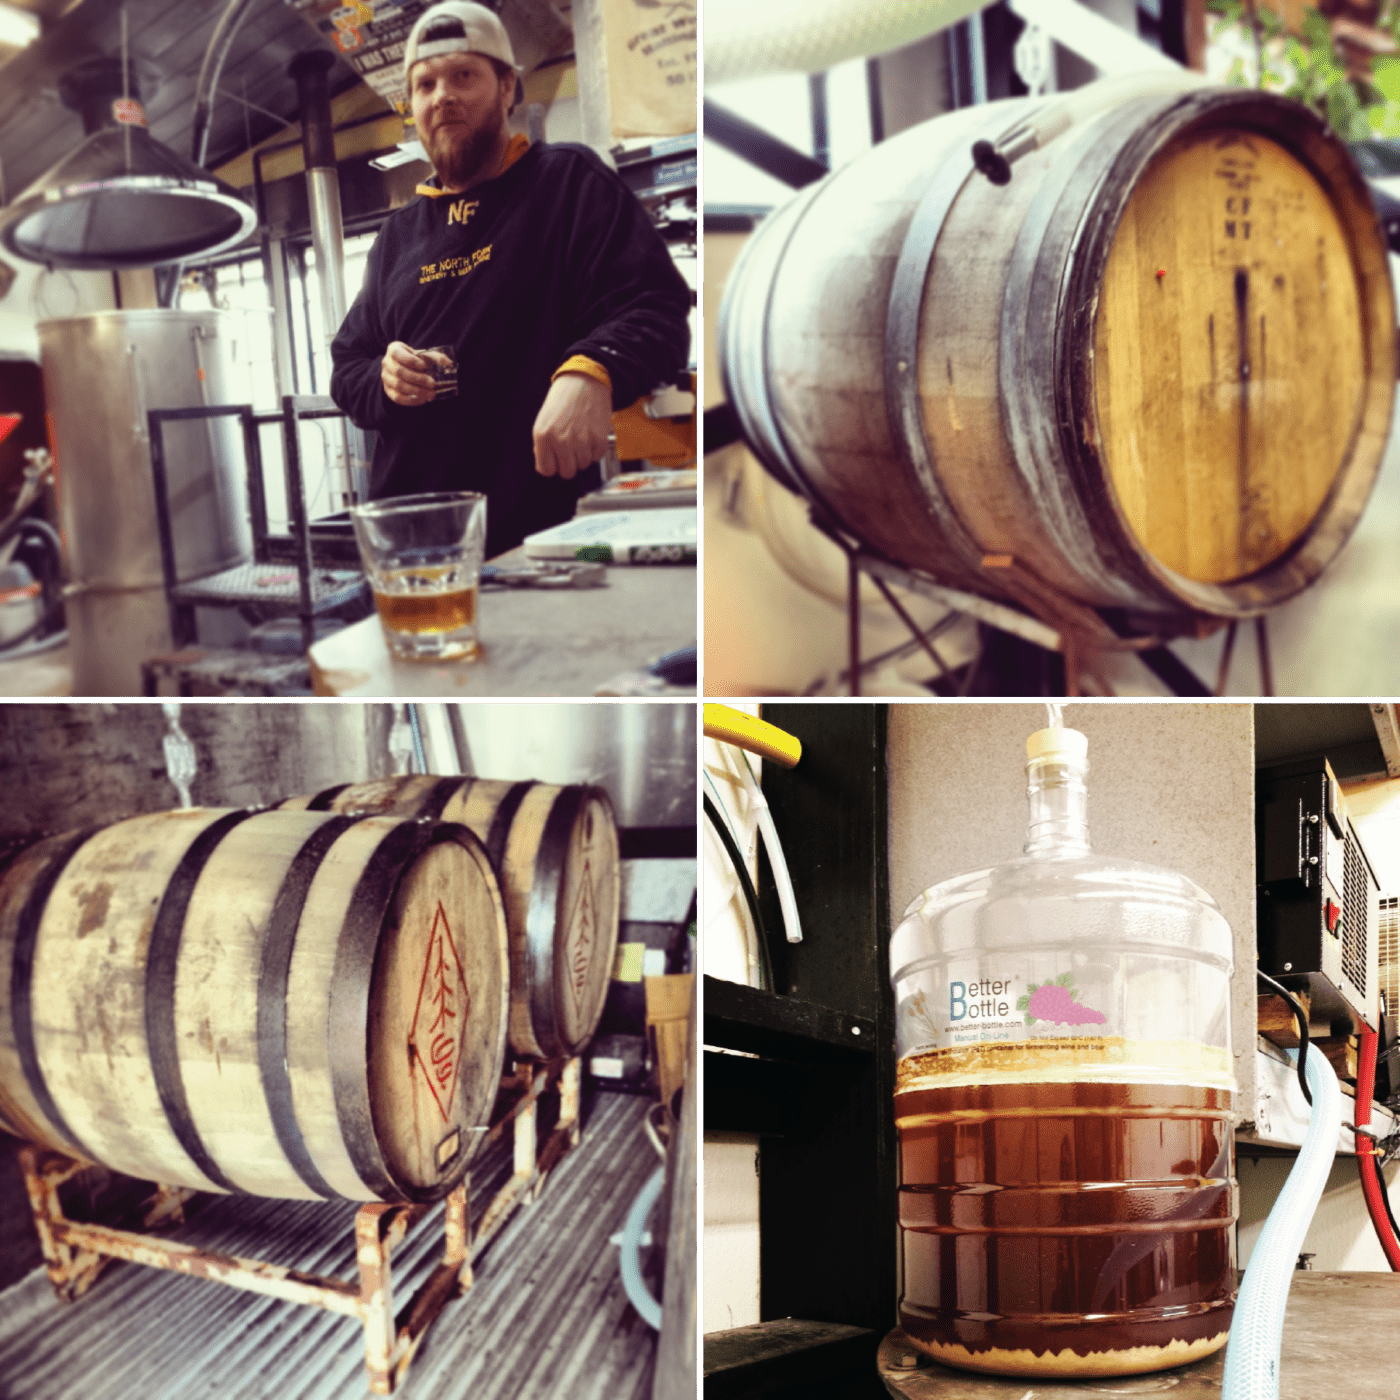 North Fork Brewery, Deming, WA, Brewer, Eric Jorgensen, Craft Beer